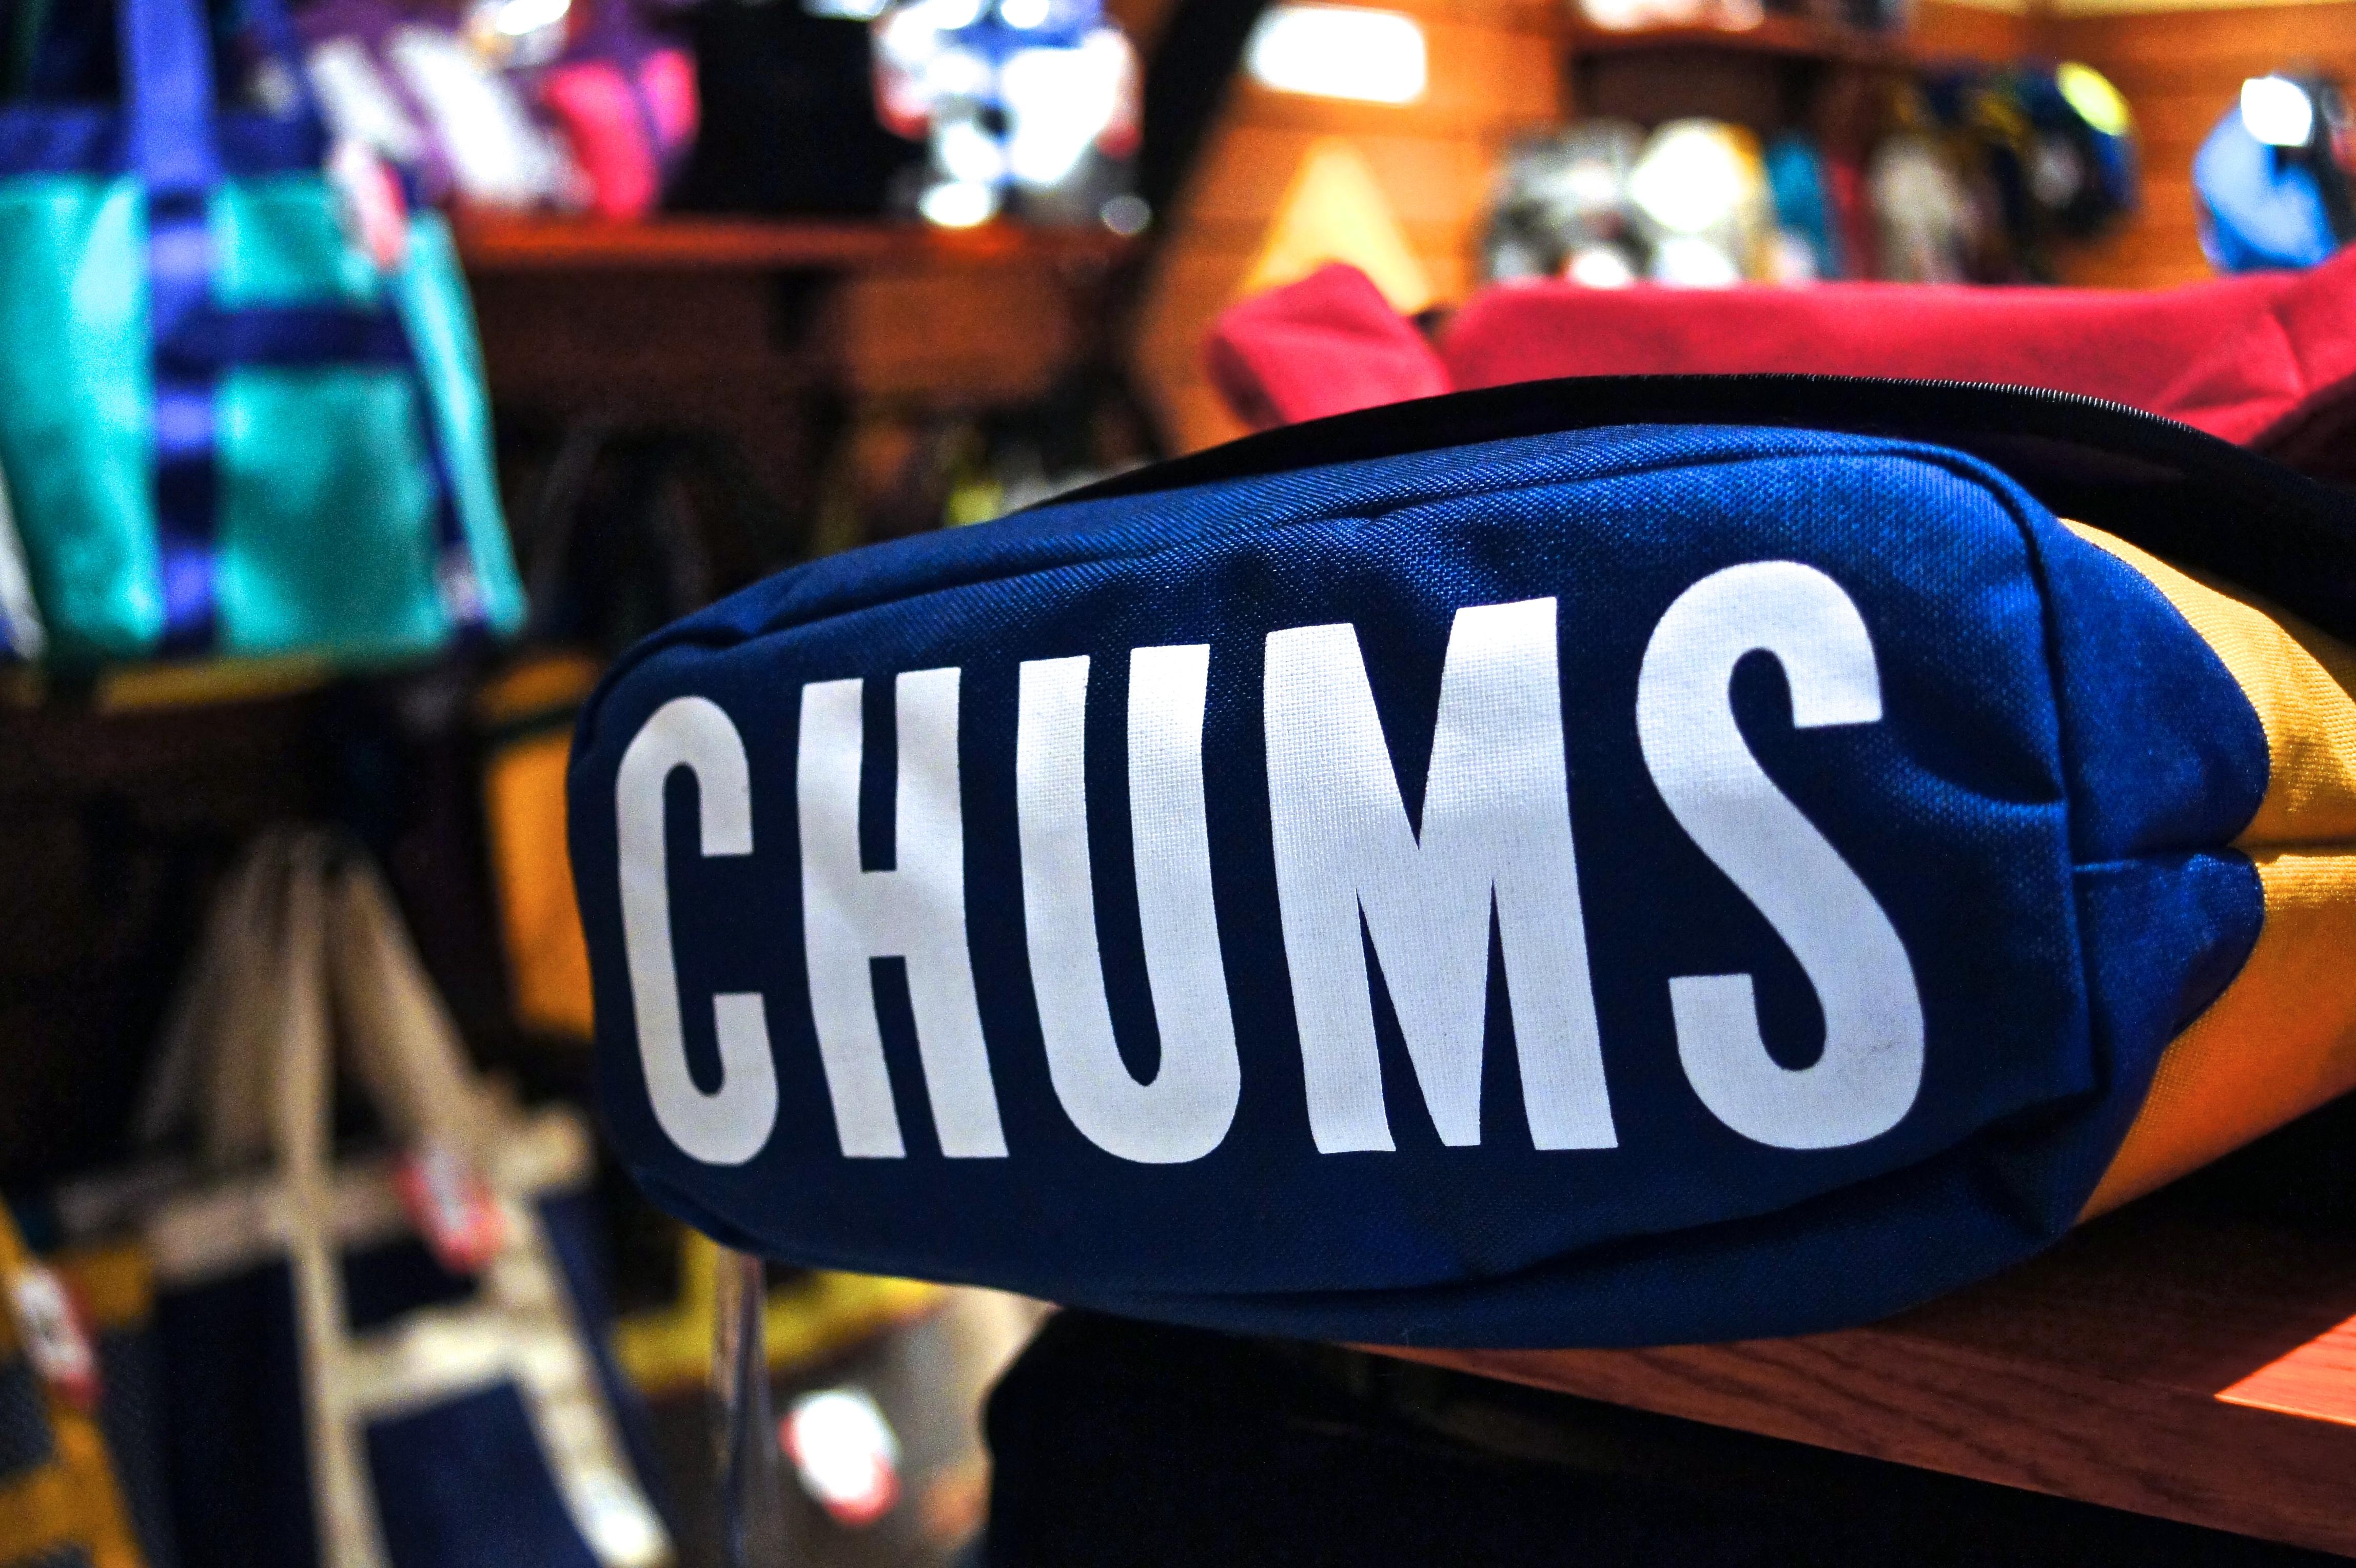 注目間違いなし!かわいくて大人気、チャムスのリュック大公開のサムネイル画像